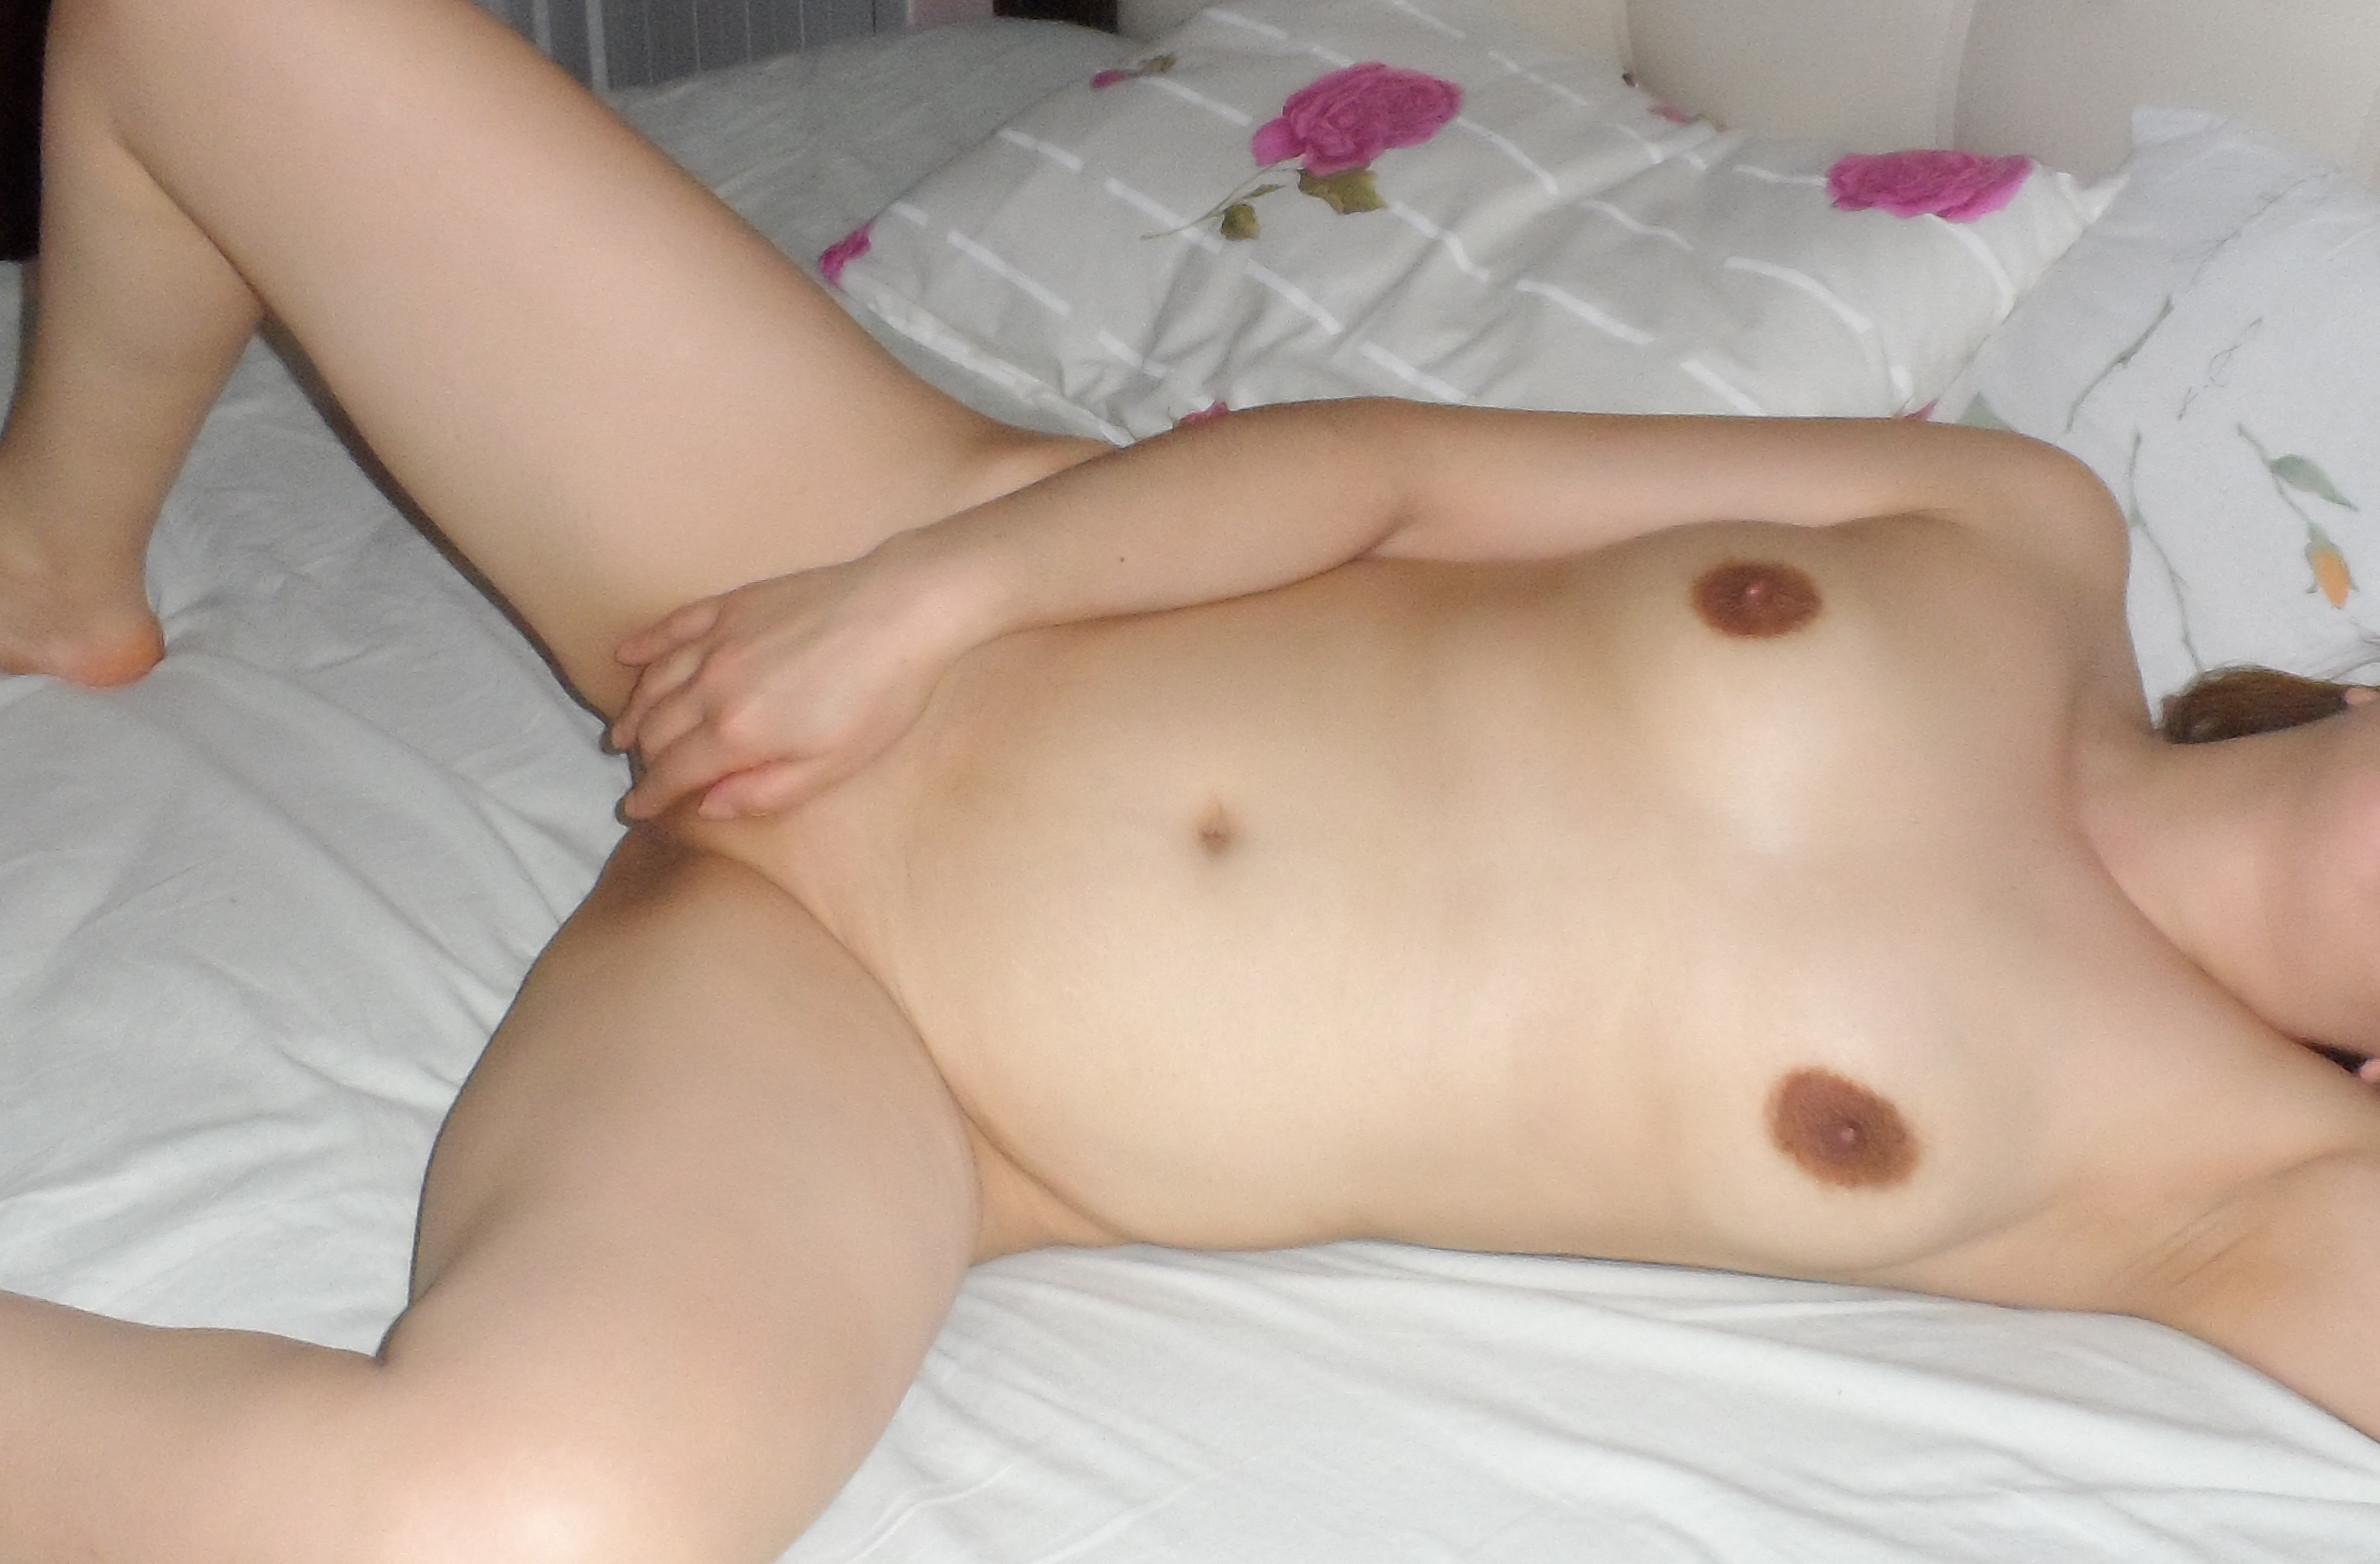 Коричневые гениталии пьяной женщины лежащей в постели